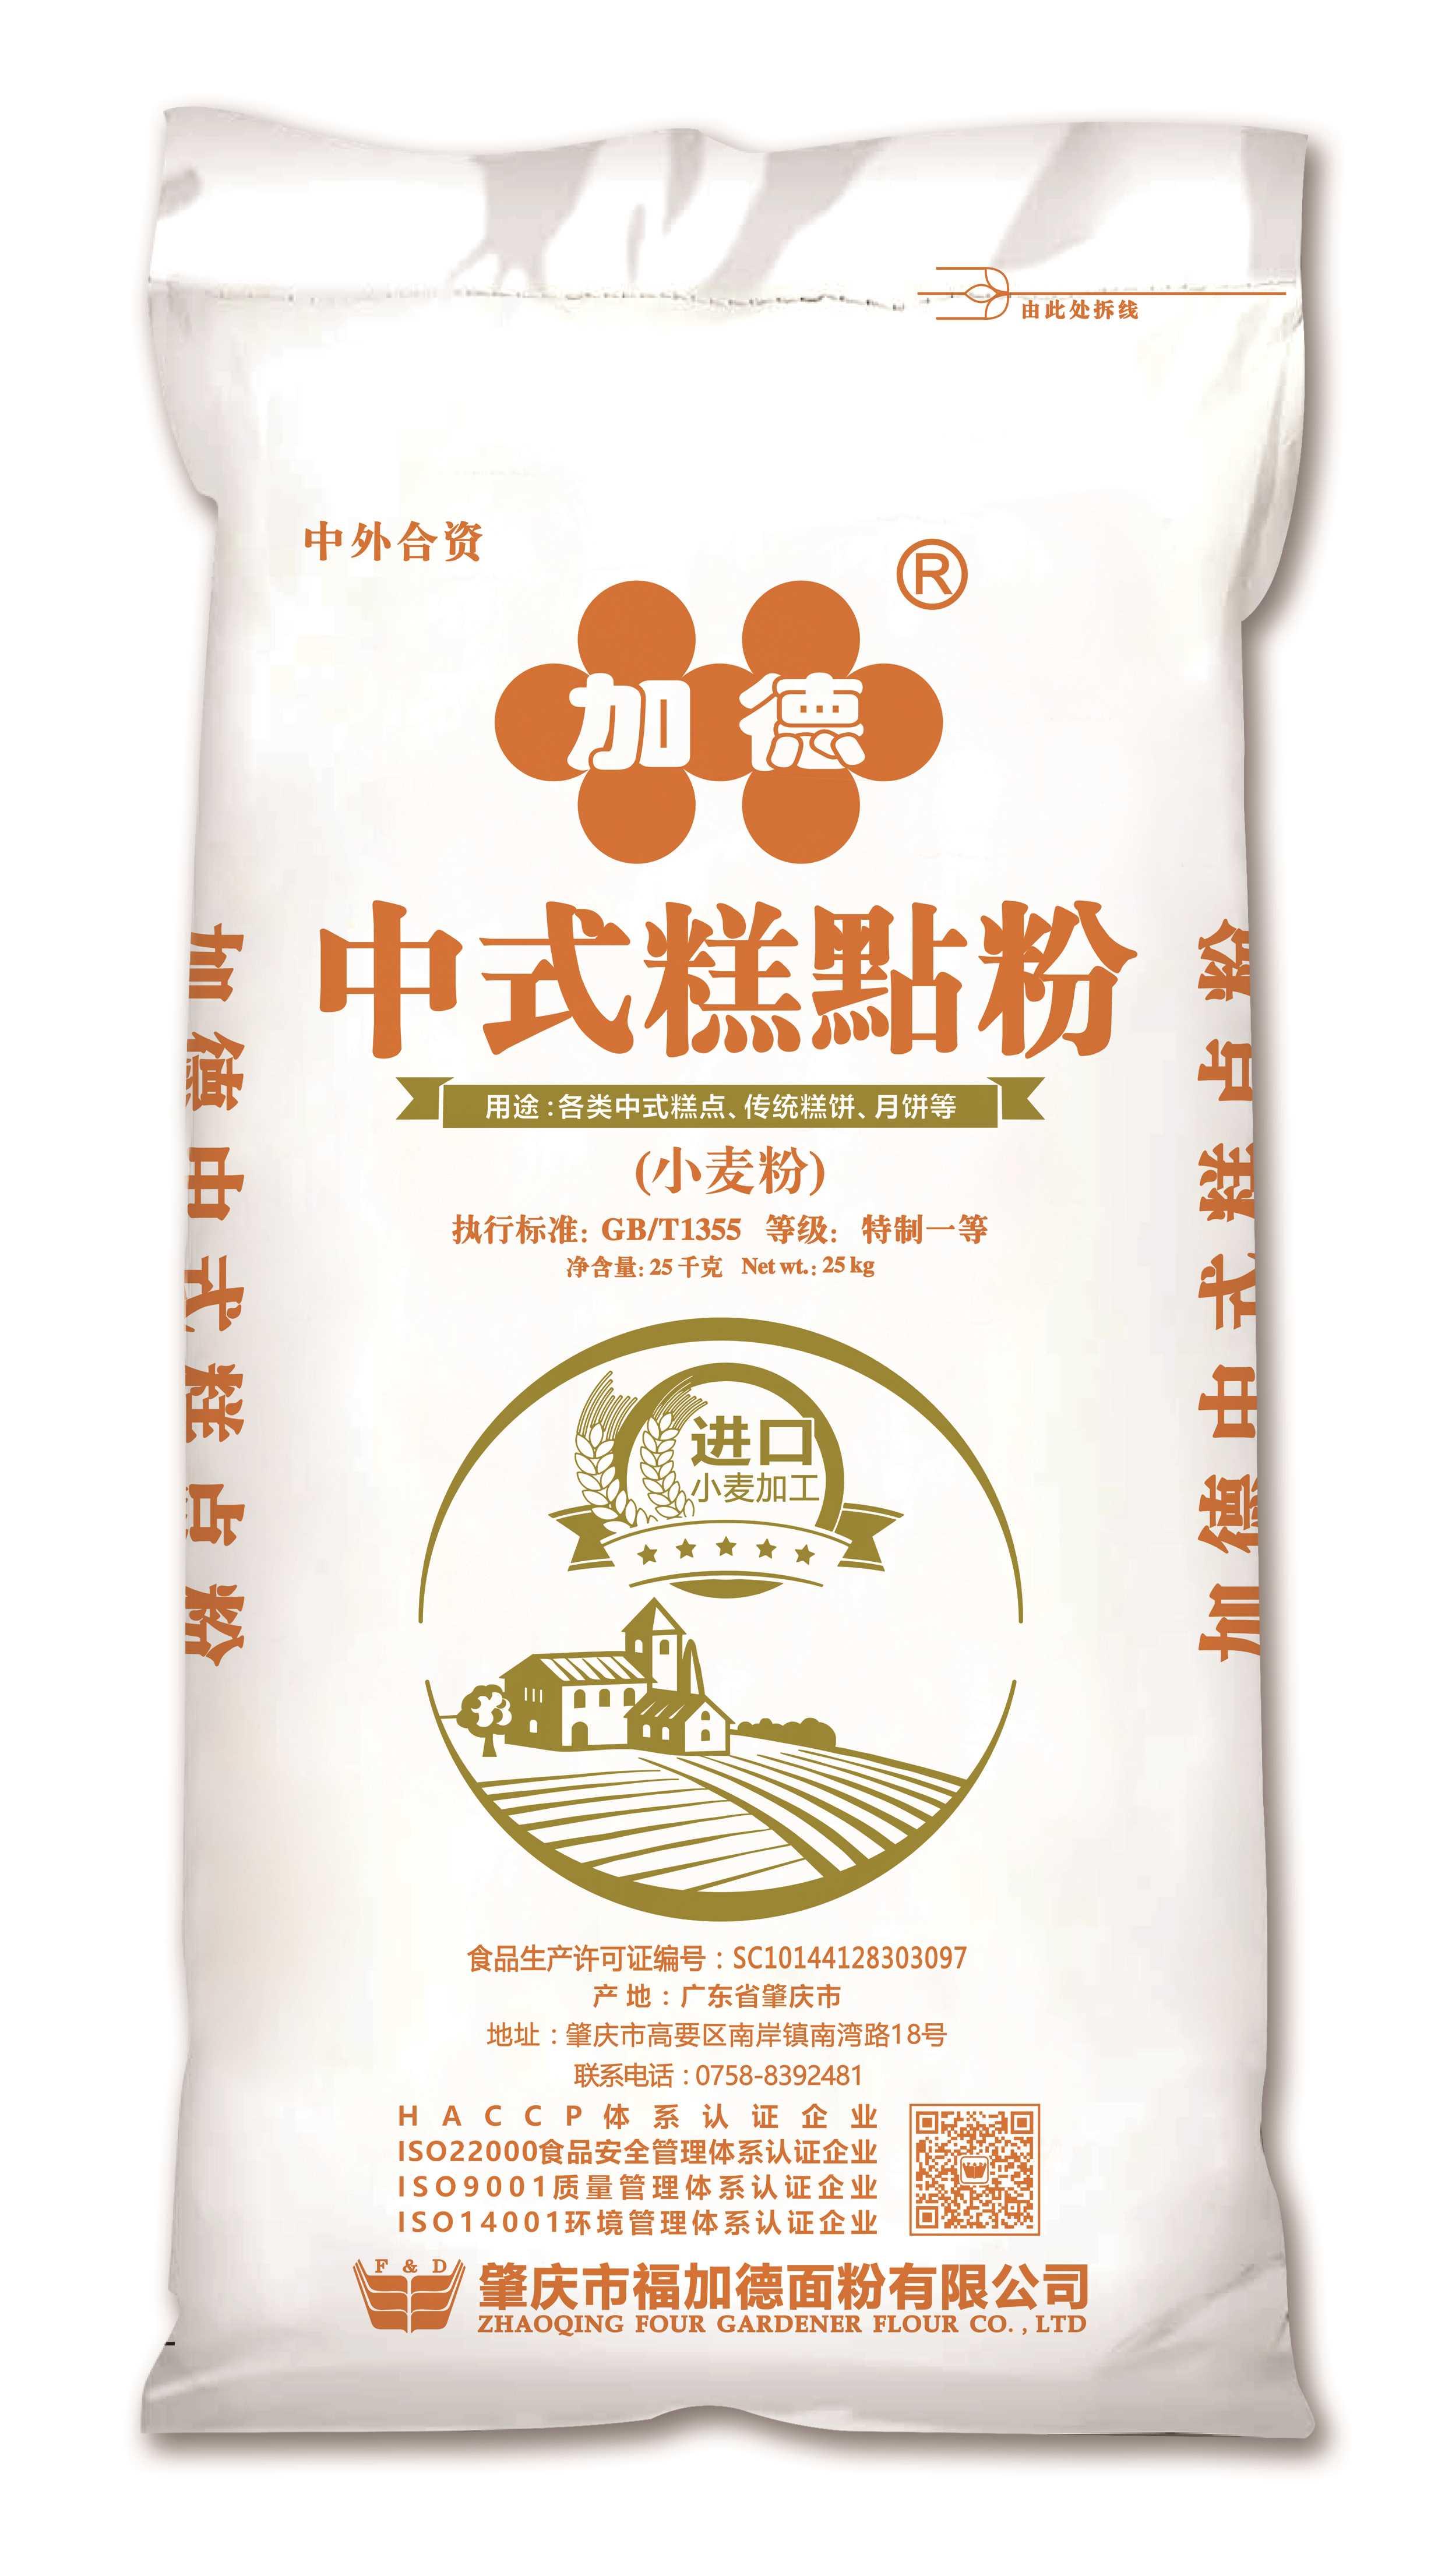 05-加德中式糕點粉布袋25kg